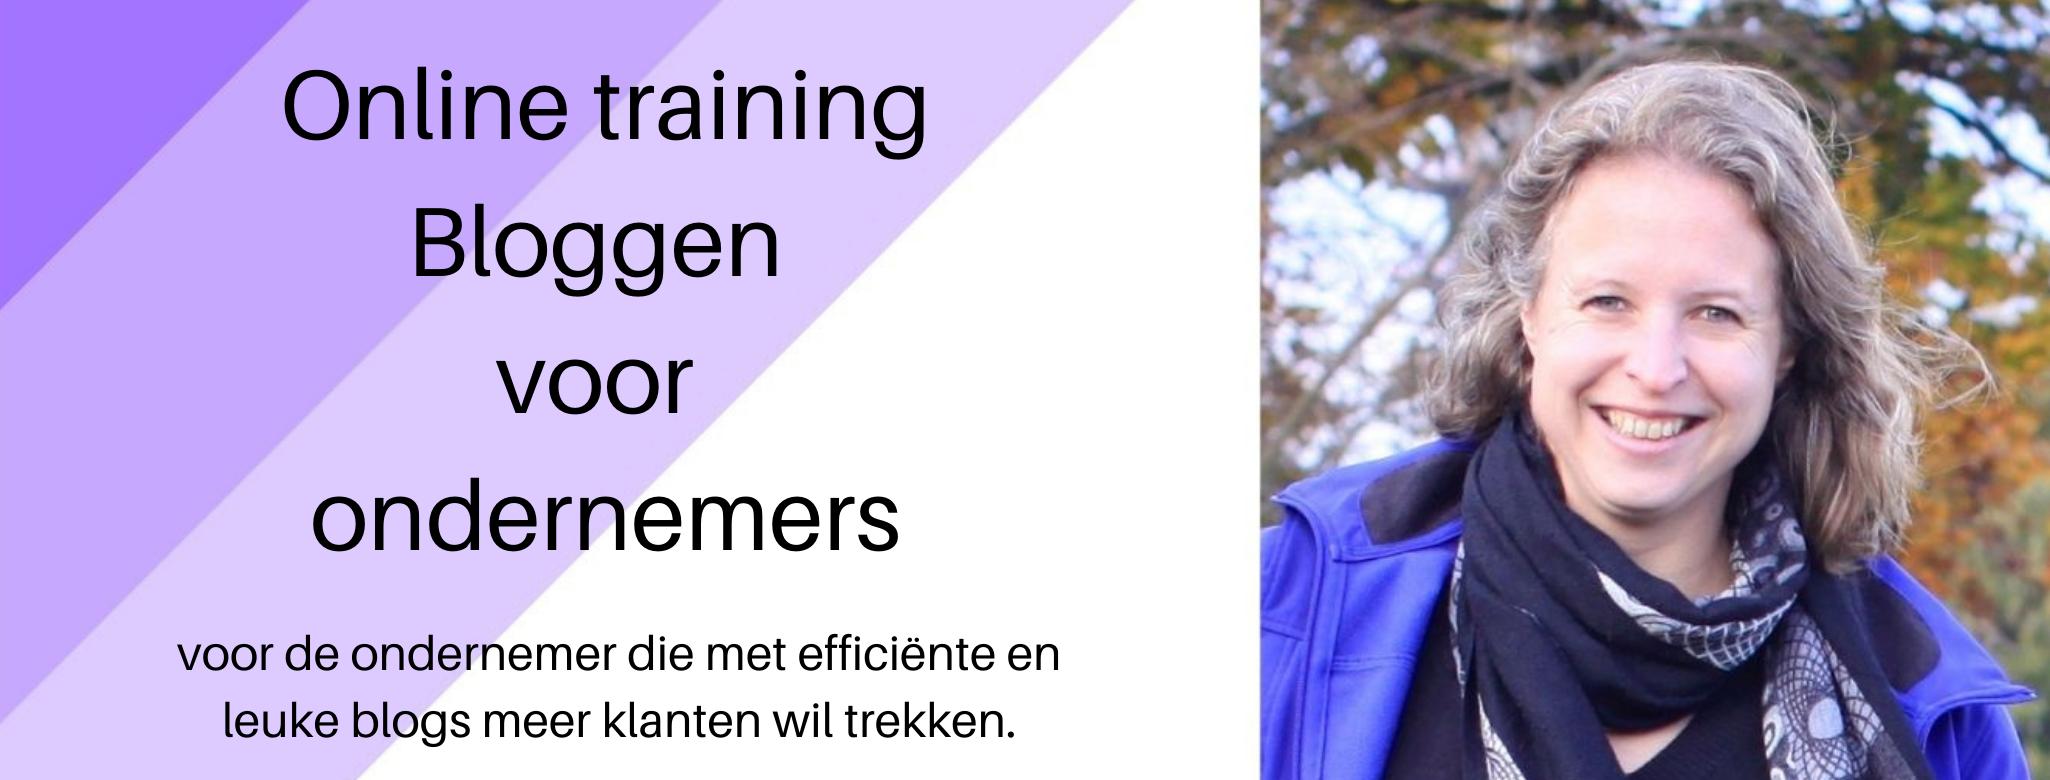 Online training Bloggen voor ondernemers